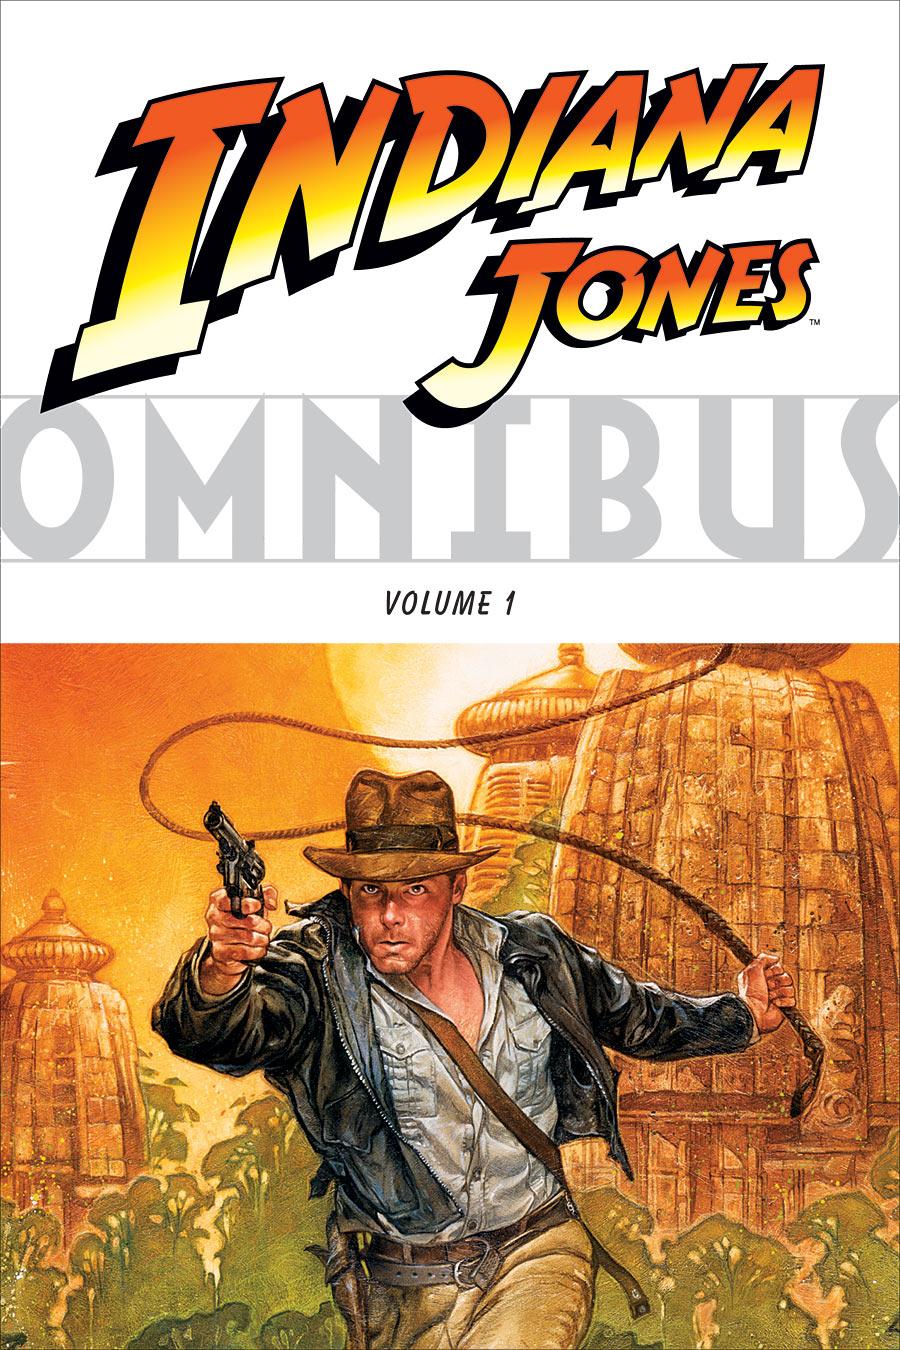 Omnibus1.jpg